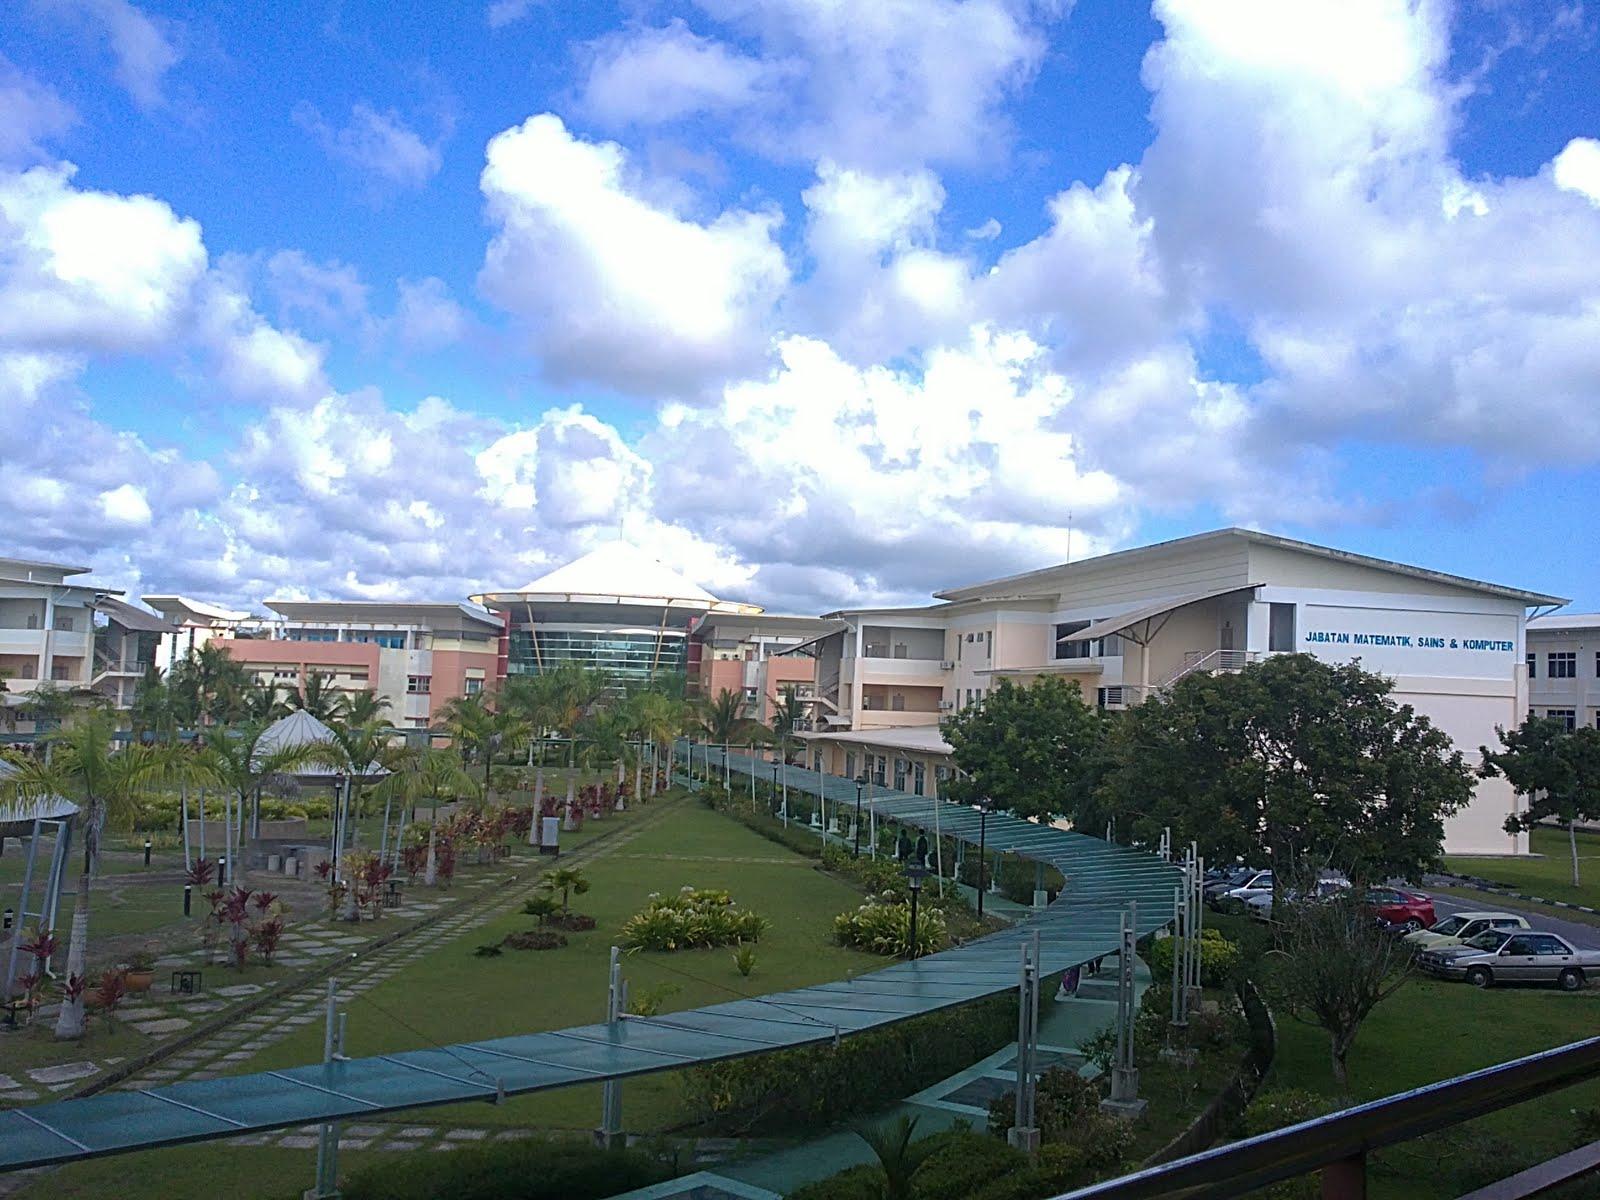 Panorama sebahagian kawasan PMU. Gambar diambil dari bangunan Pusat ...